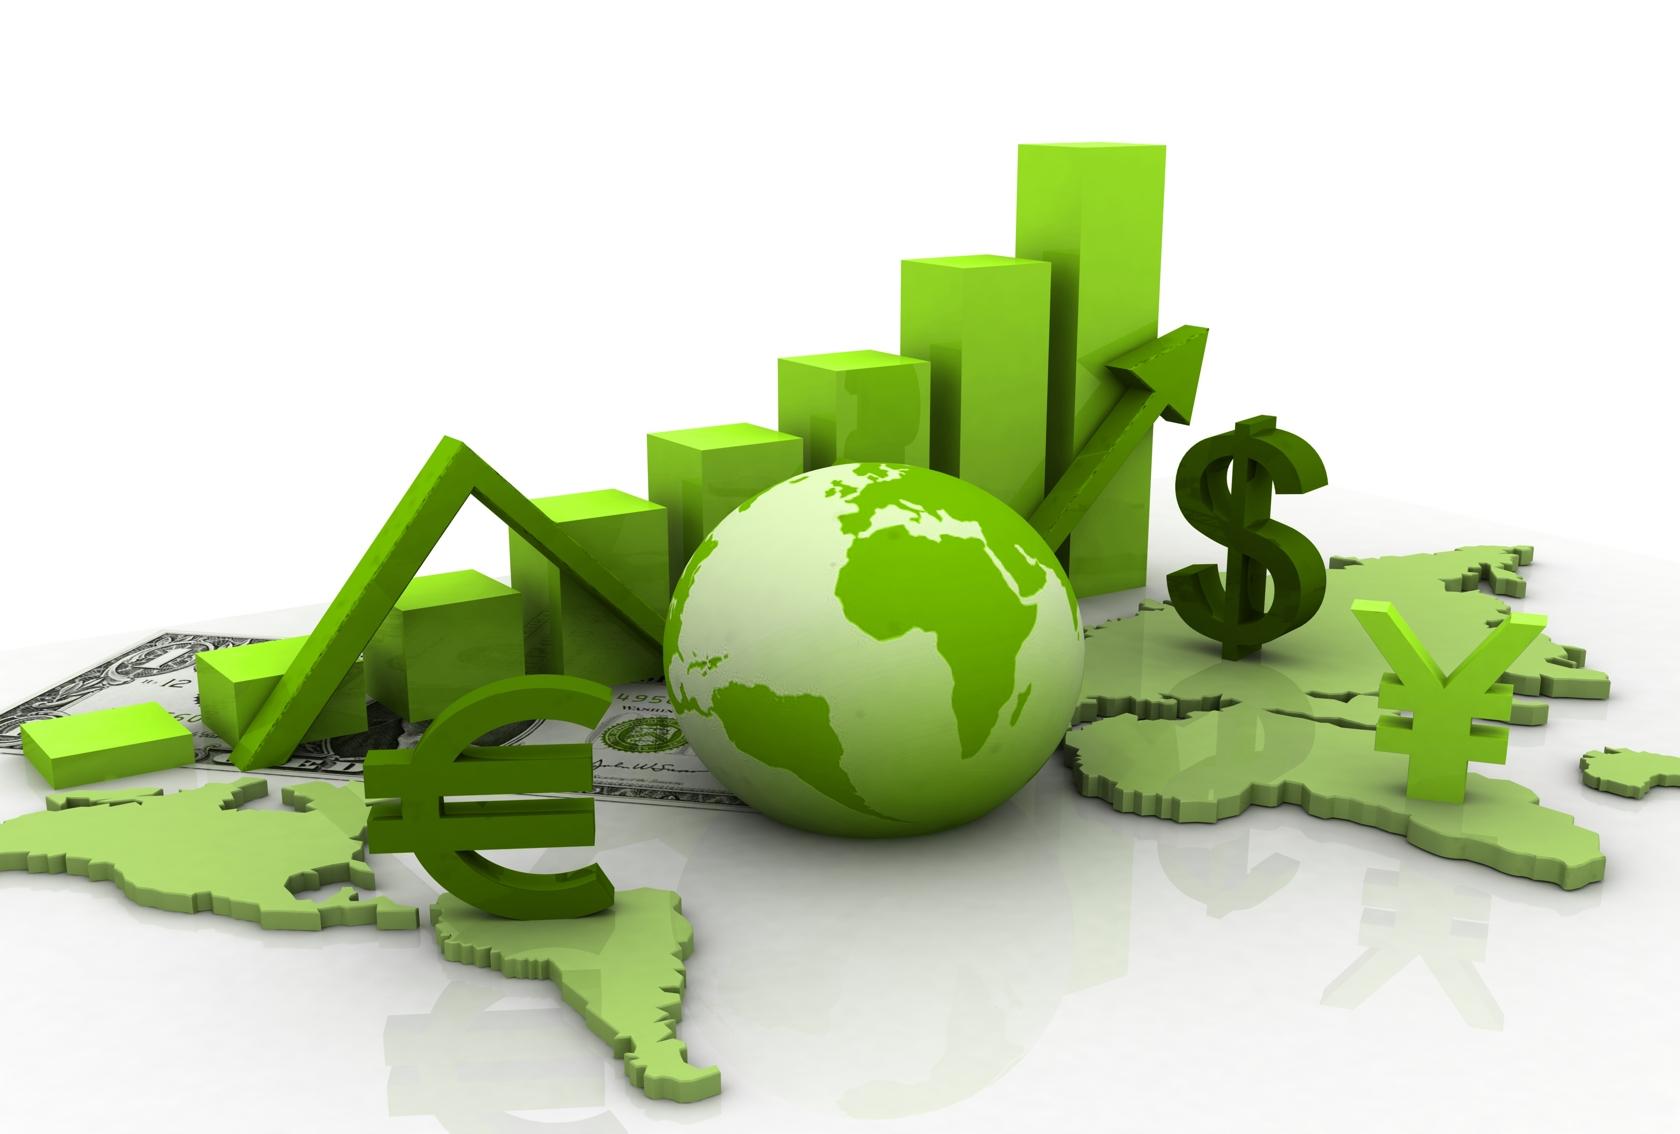 http://blogs.ua.es/economia/files/2014/04/economia-mundial.jpg